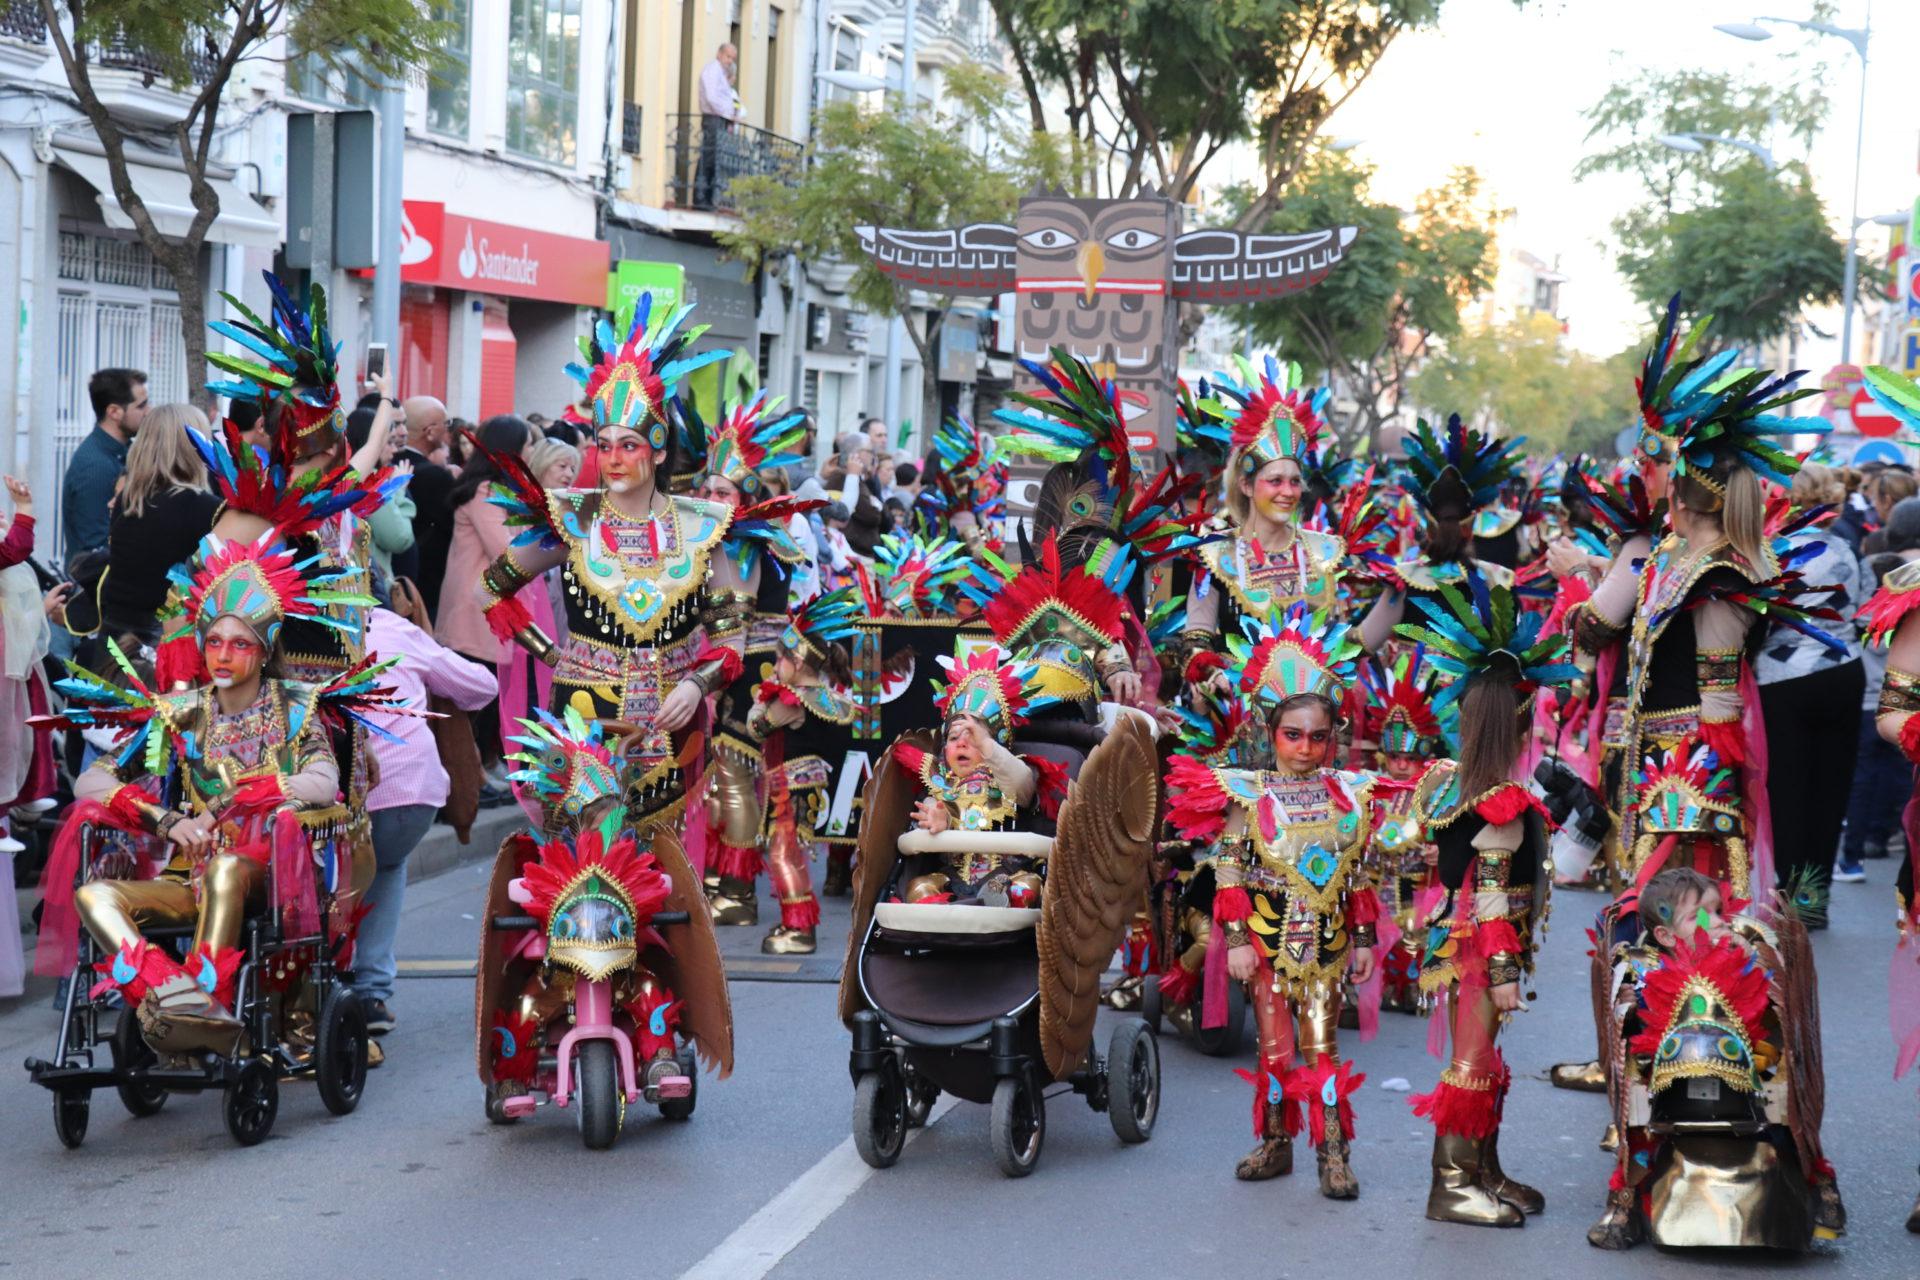 Tribu Serena, Escalera de Color, Tribu Azteca, Esencia Real, Macedonia Tropical y Los camaleones molones, ganadores del Carnaval Infantil 2020